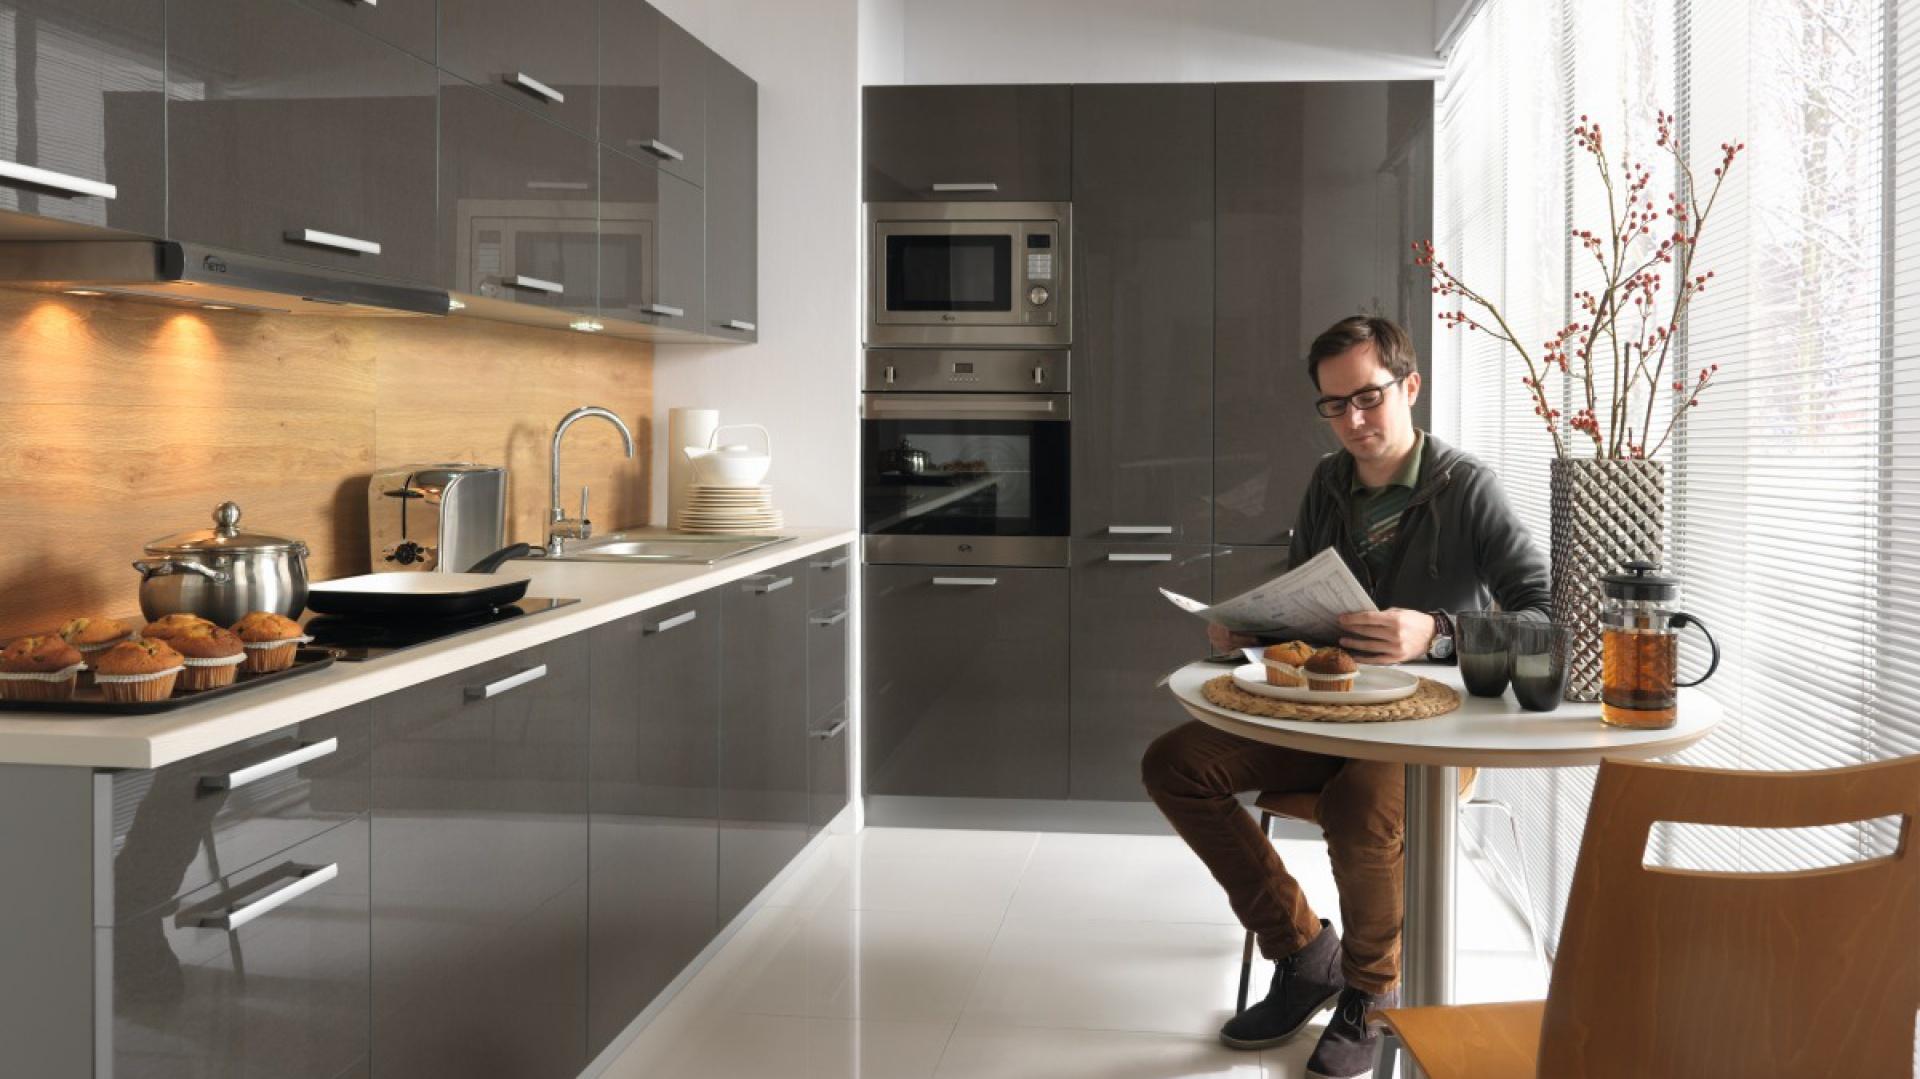 Nowoczesna kuchnia Tapo z linii Family Line dostępna jest w 4 kolorach: grafit, biały, bakłażan oraz beż szampański. Fronty na wysoki połysk odmienią nawet najbardziej najmniejsze pomieszczenie. Fot. Black Red White